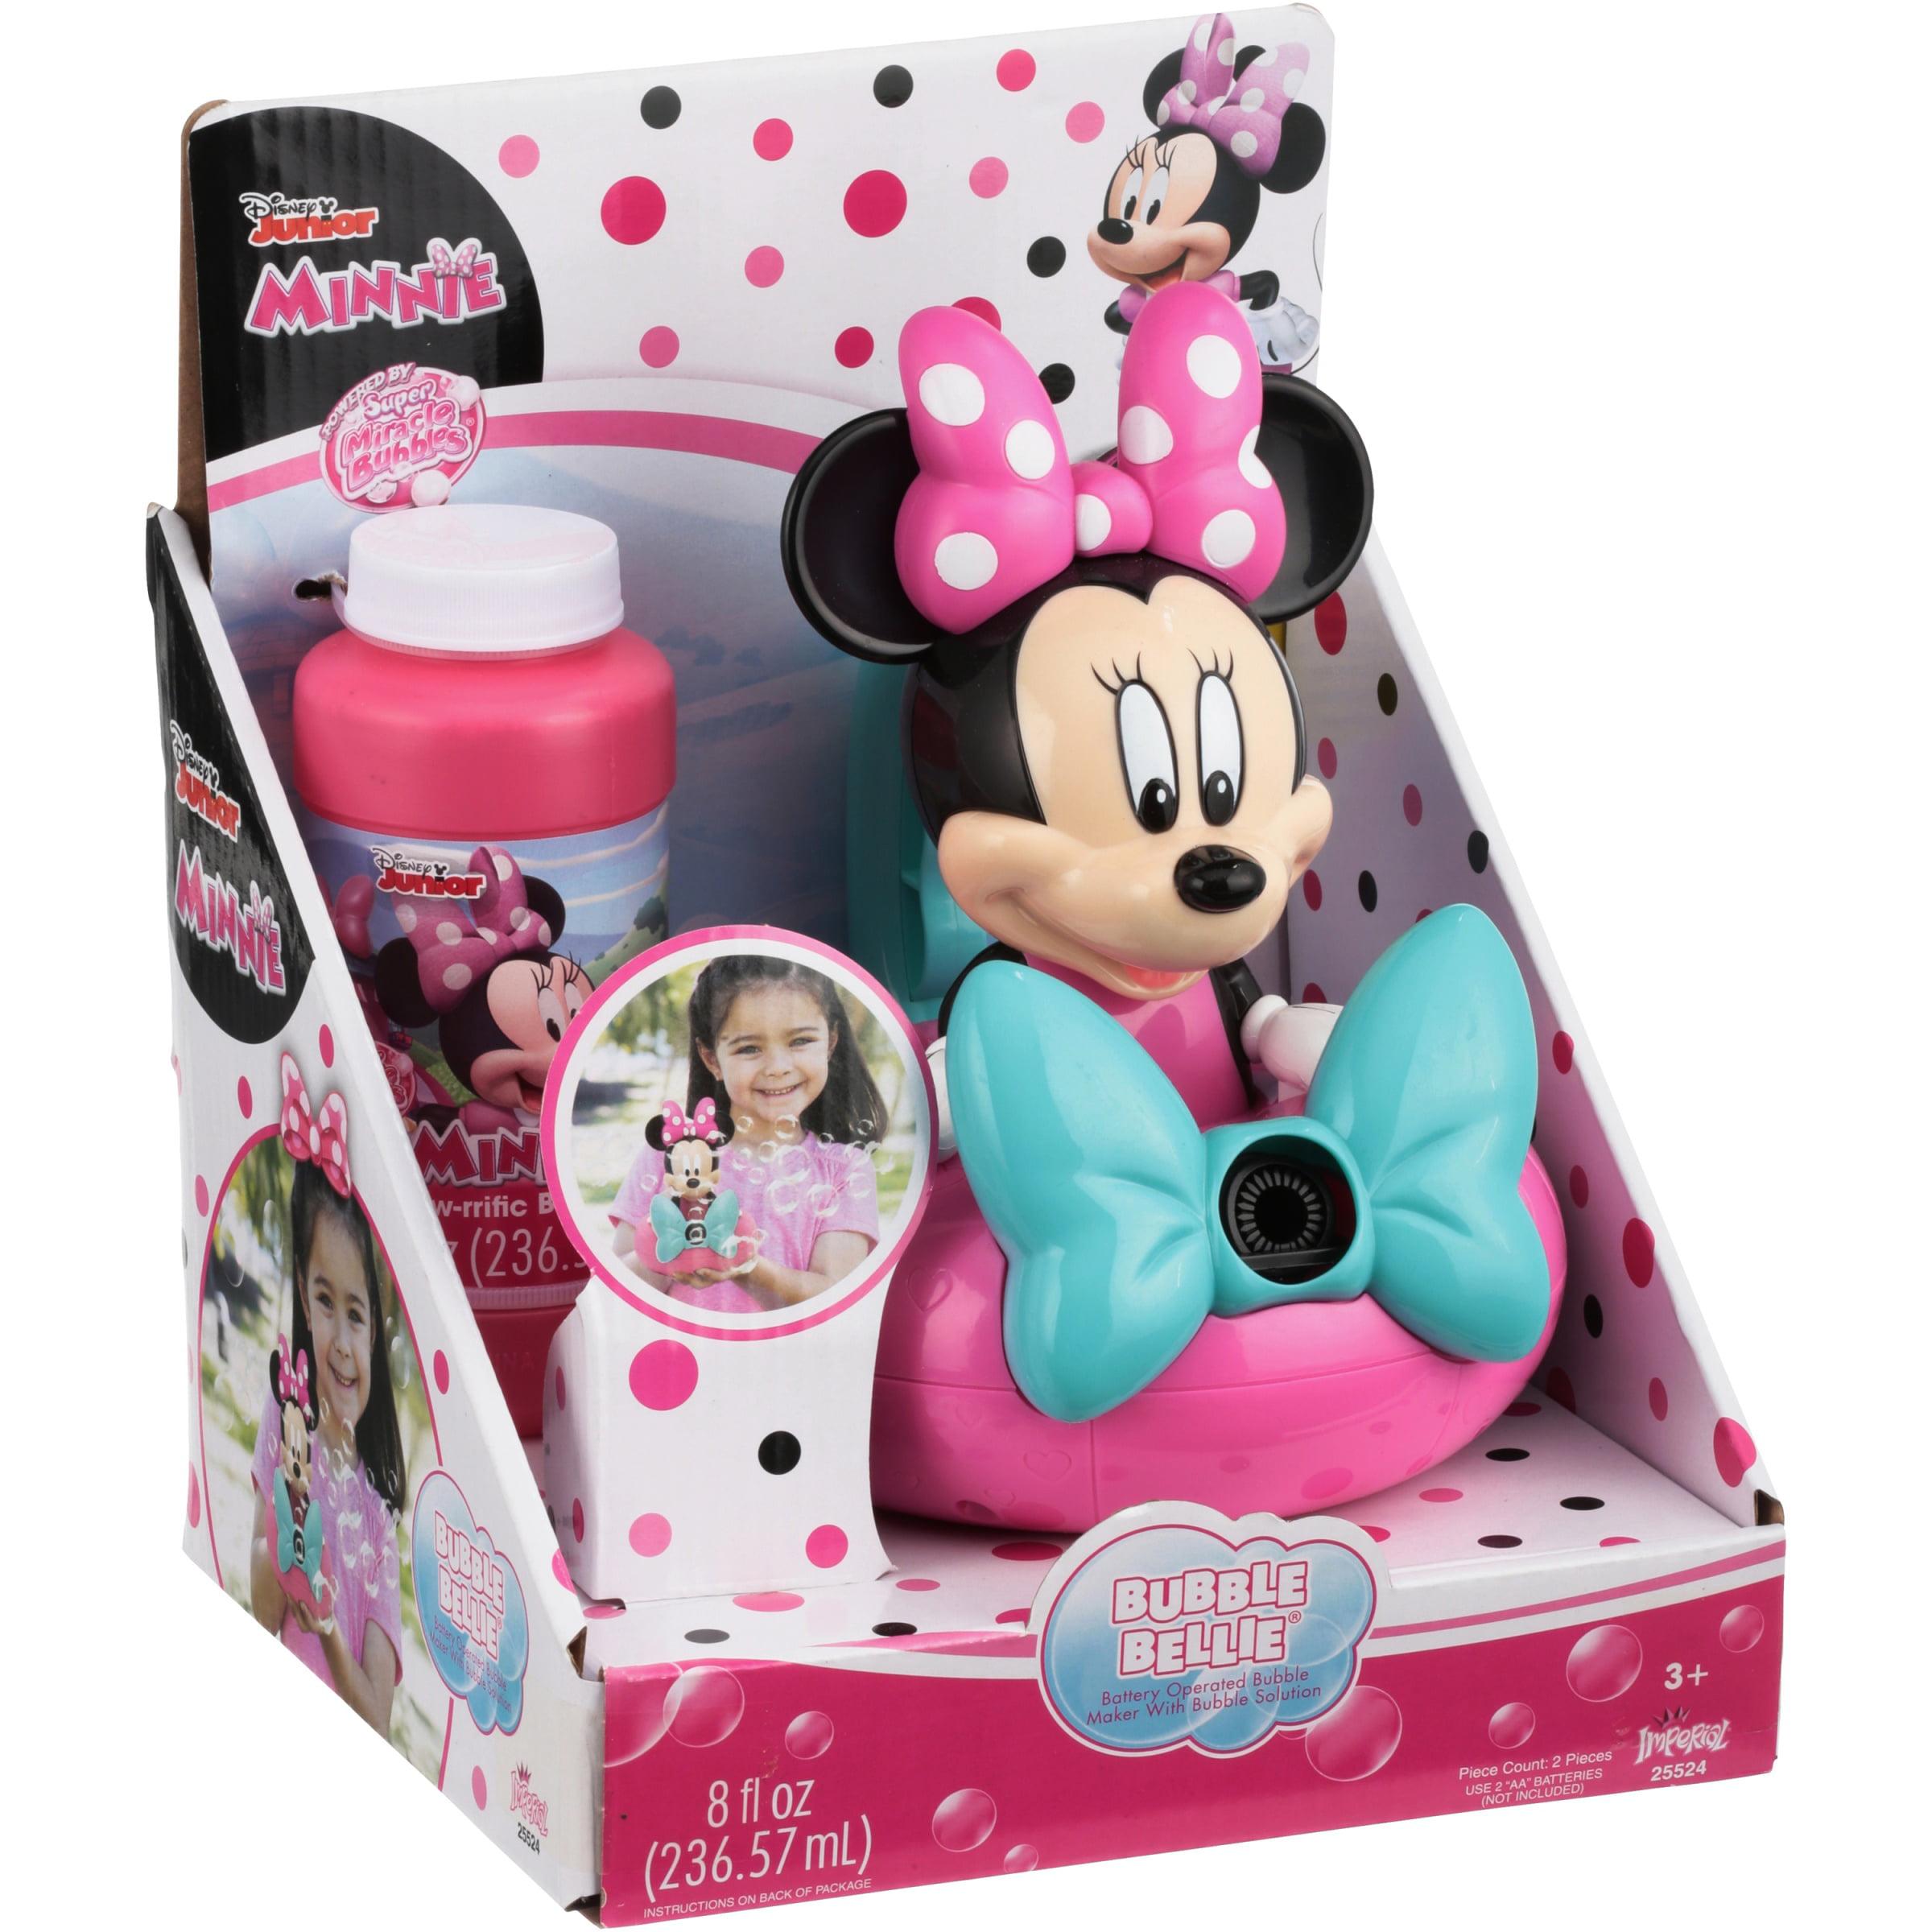 Minnie Mouse bubble